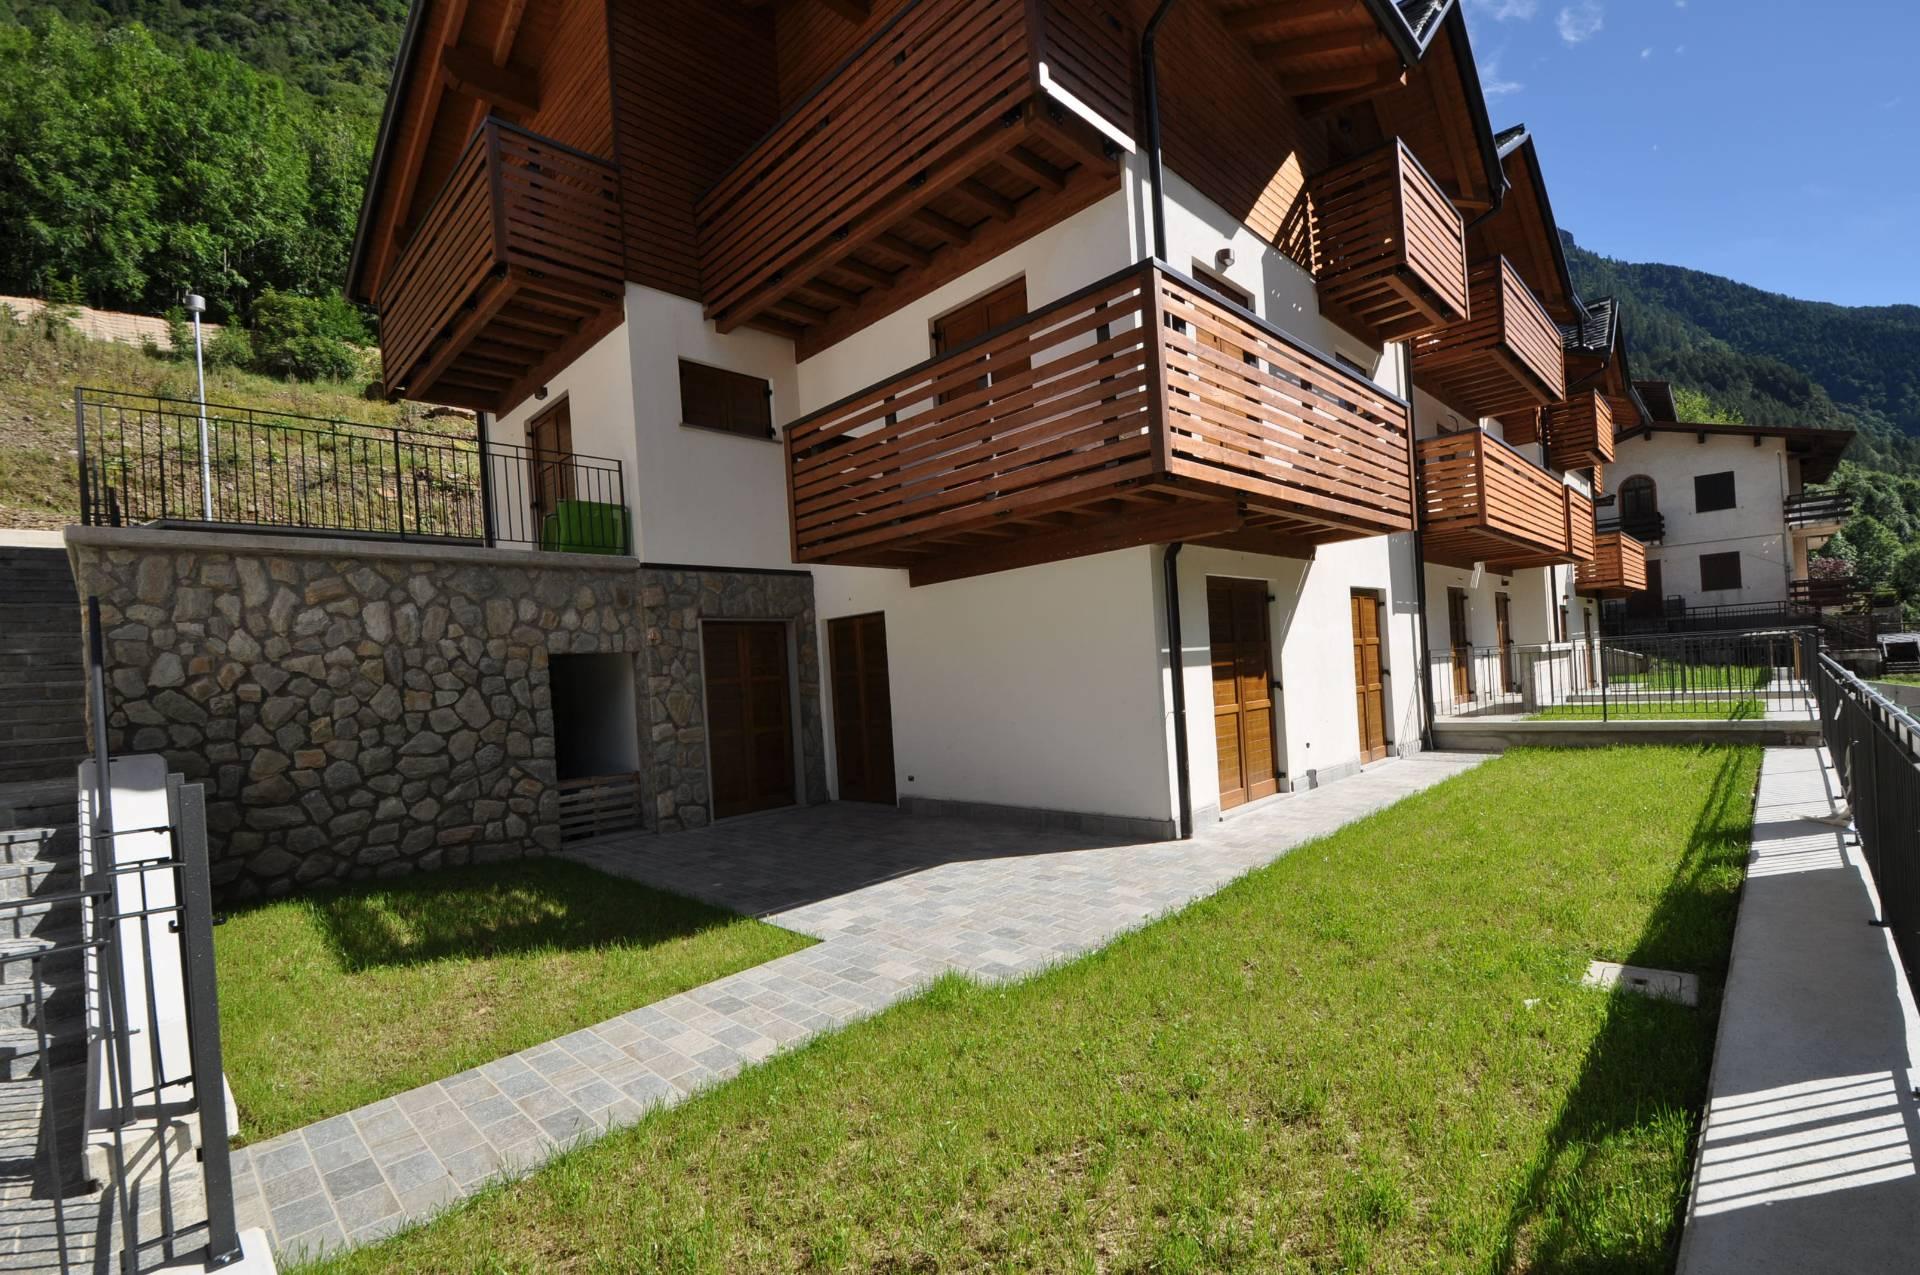 Villa in vendita a Carona, 2 locali, prezzo € 133.000 | Cambio Casa.it